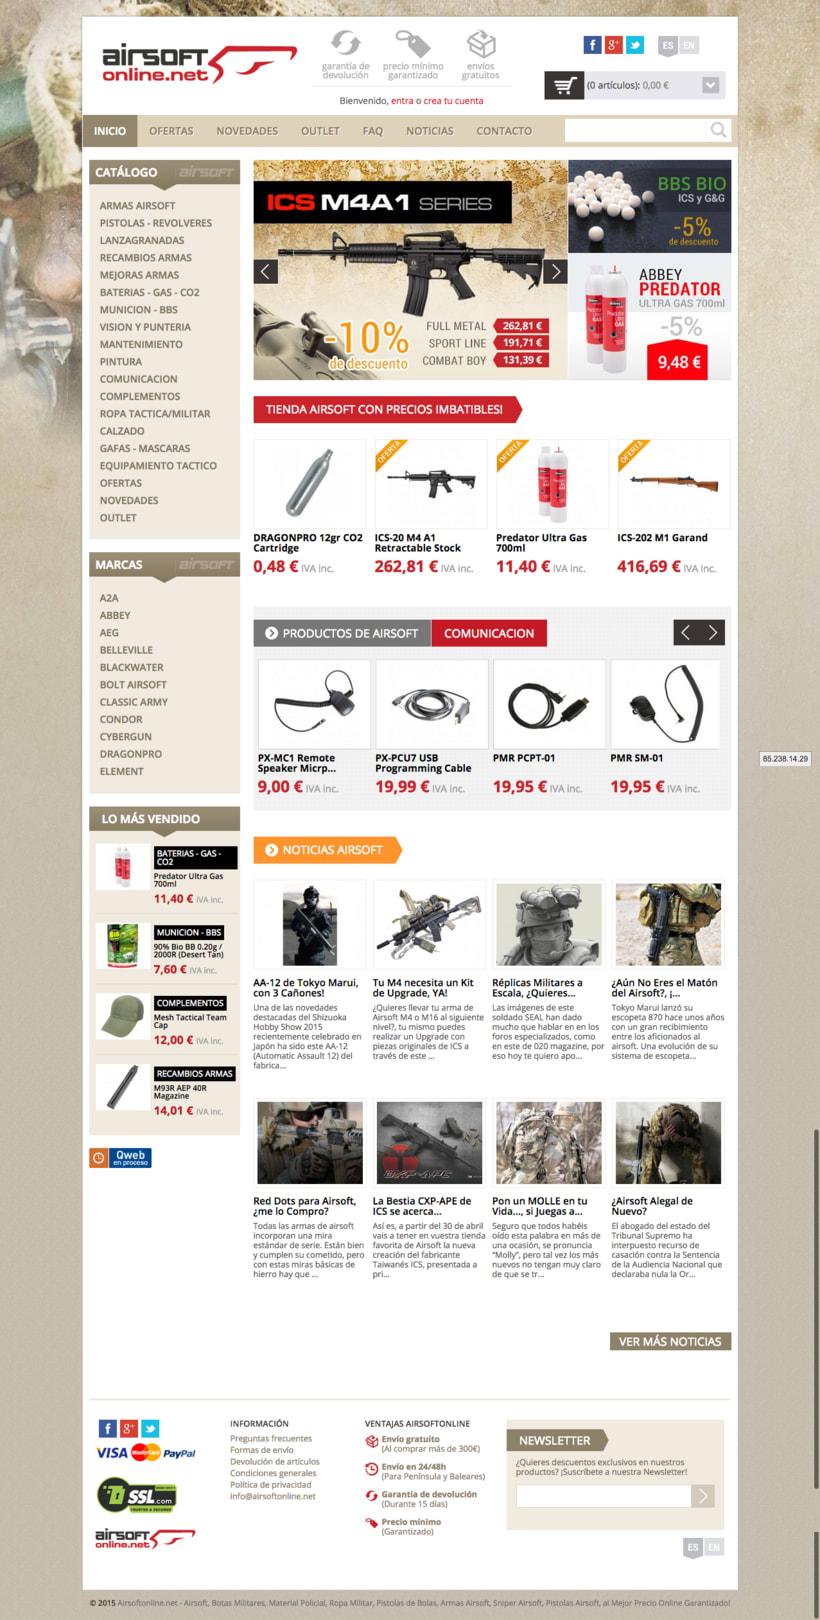 Tienda online airsoftonline.net -1